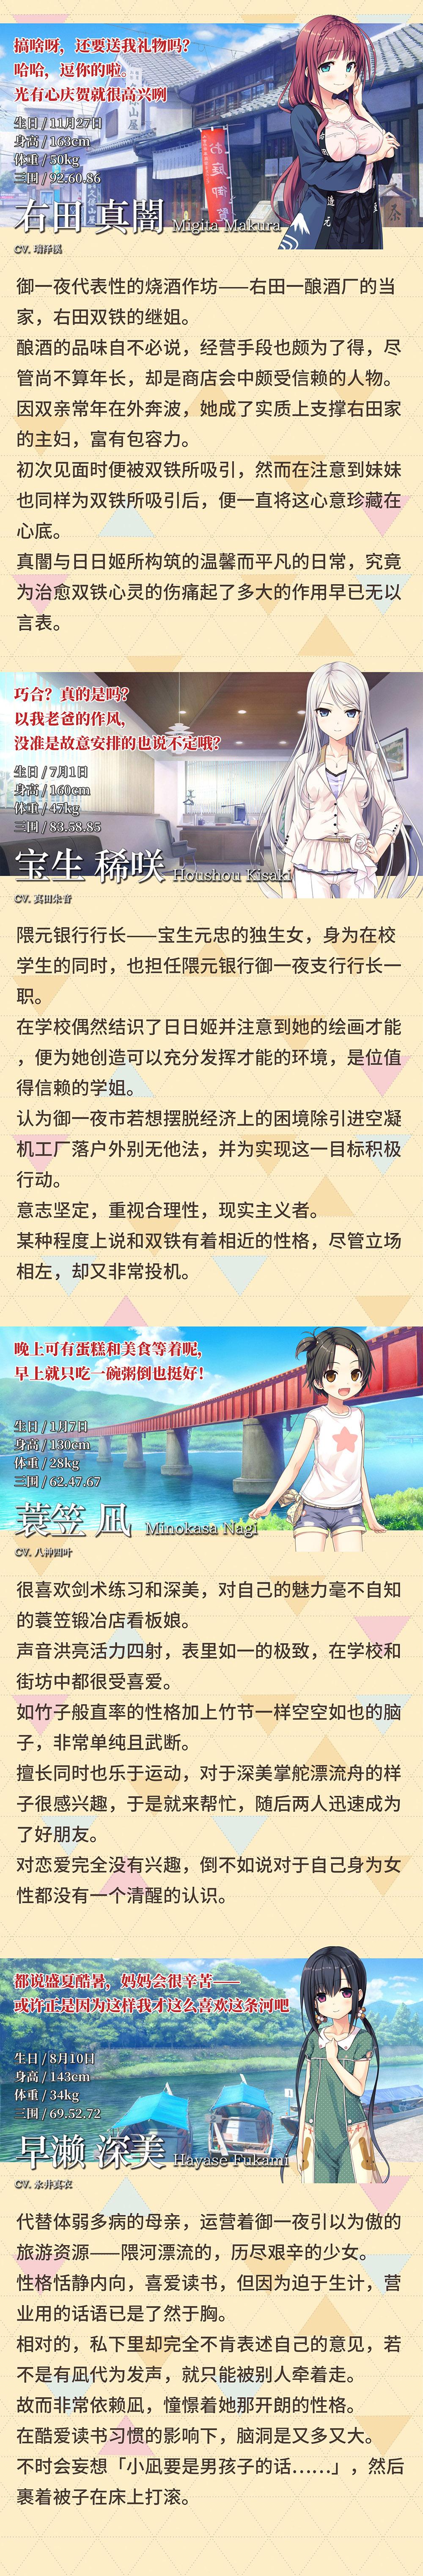 人物介绍2.jpg